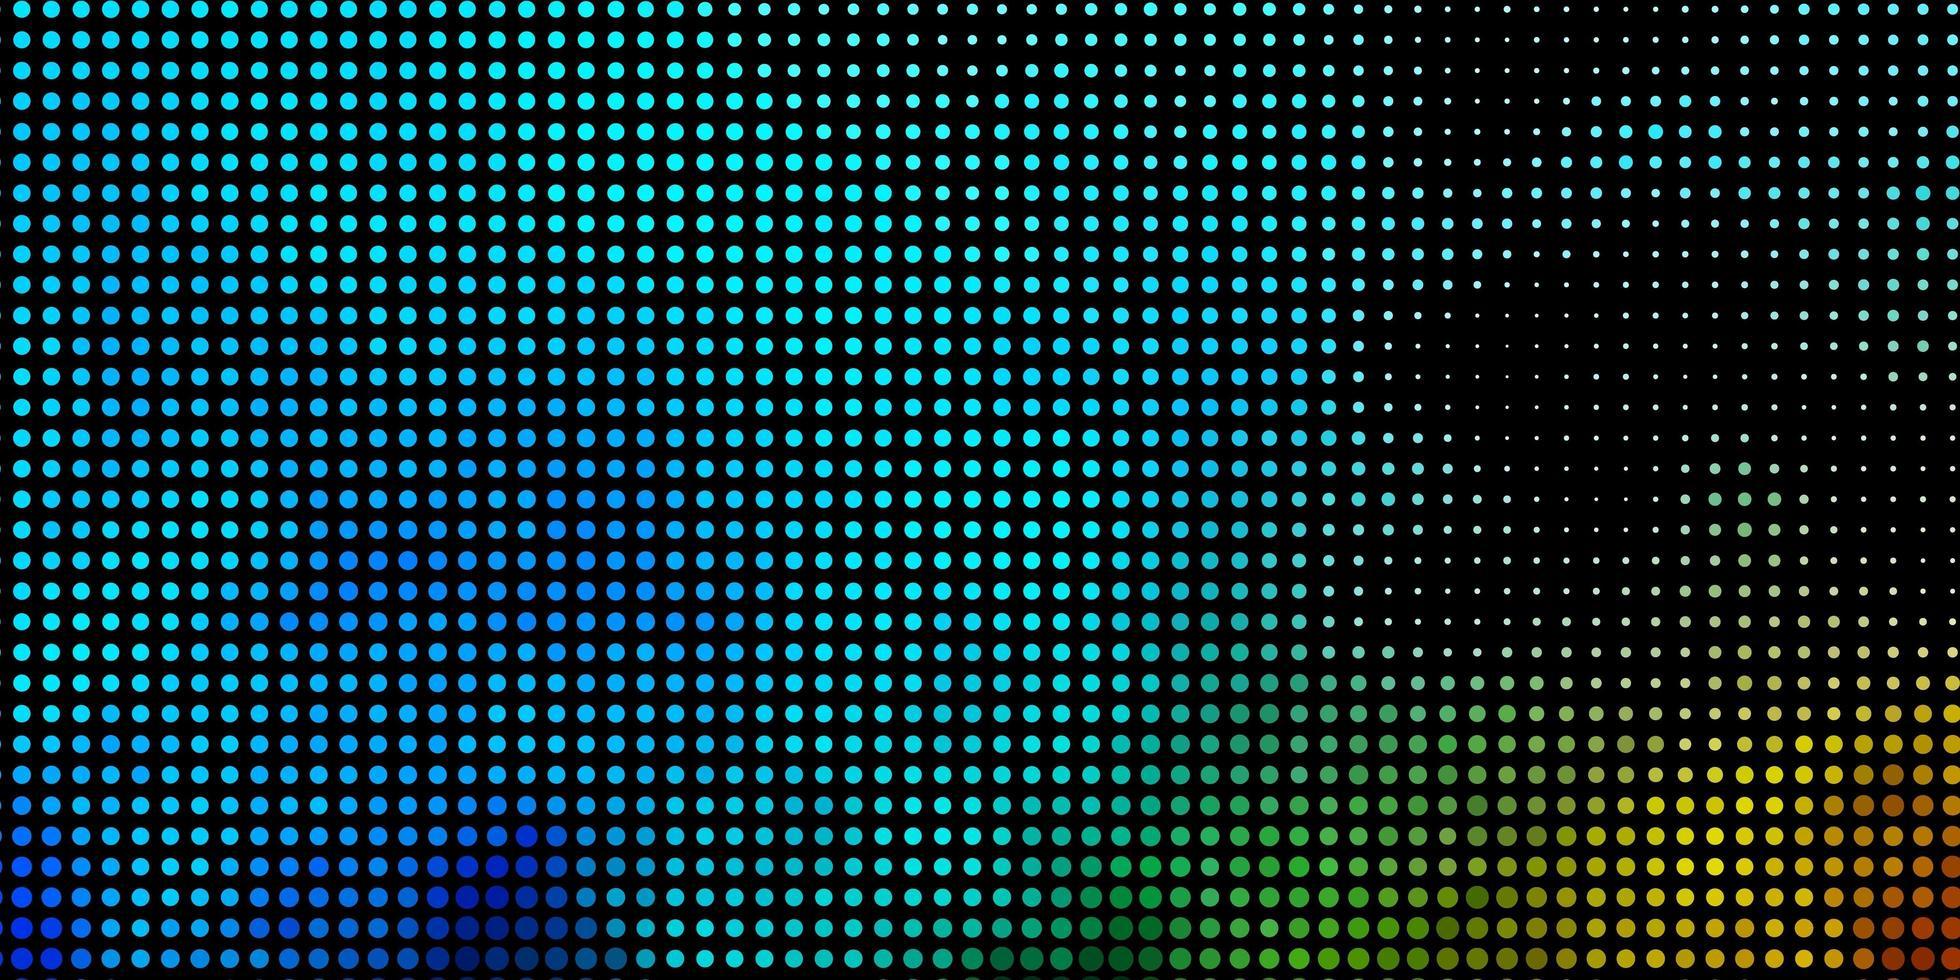 mise en page bleu et vert avec des formes de cercle. vecteur